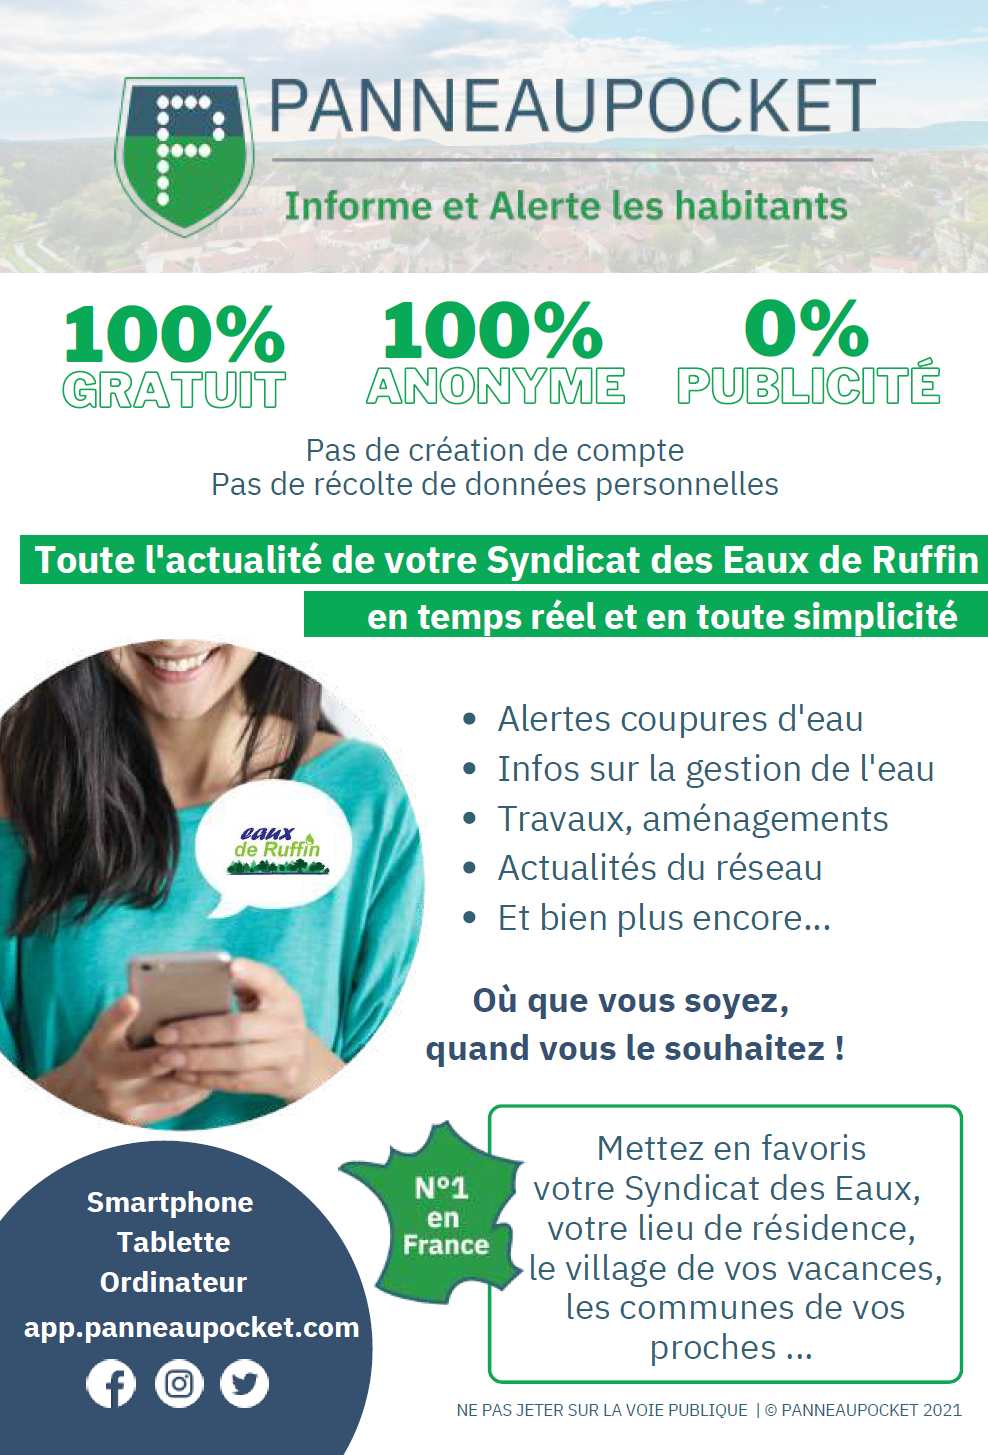 EAUX RUFFIN panneau Pocket mars 21 explic° 2.png